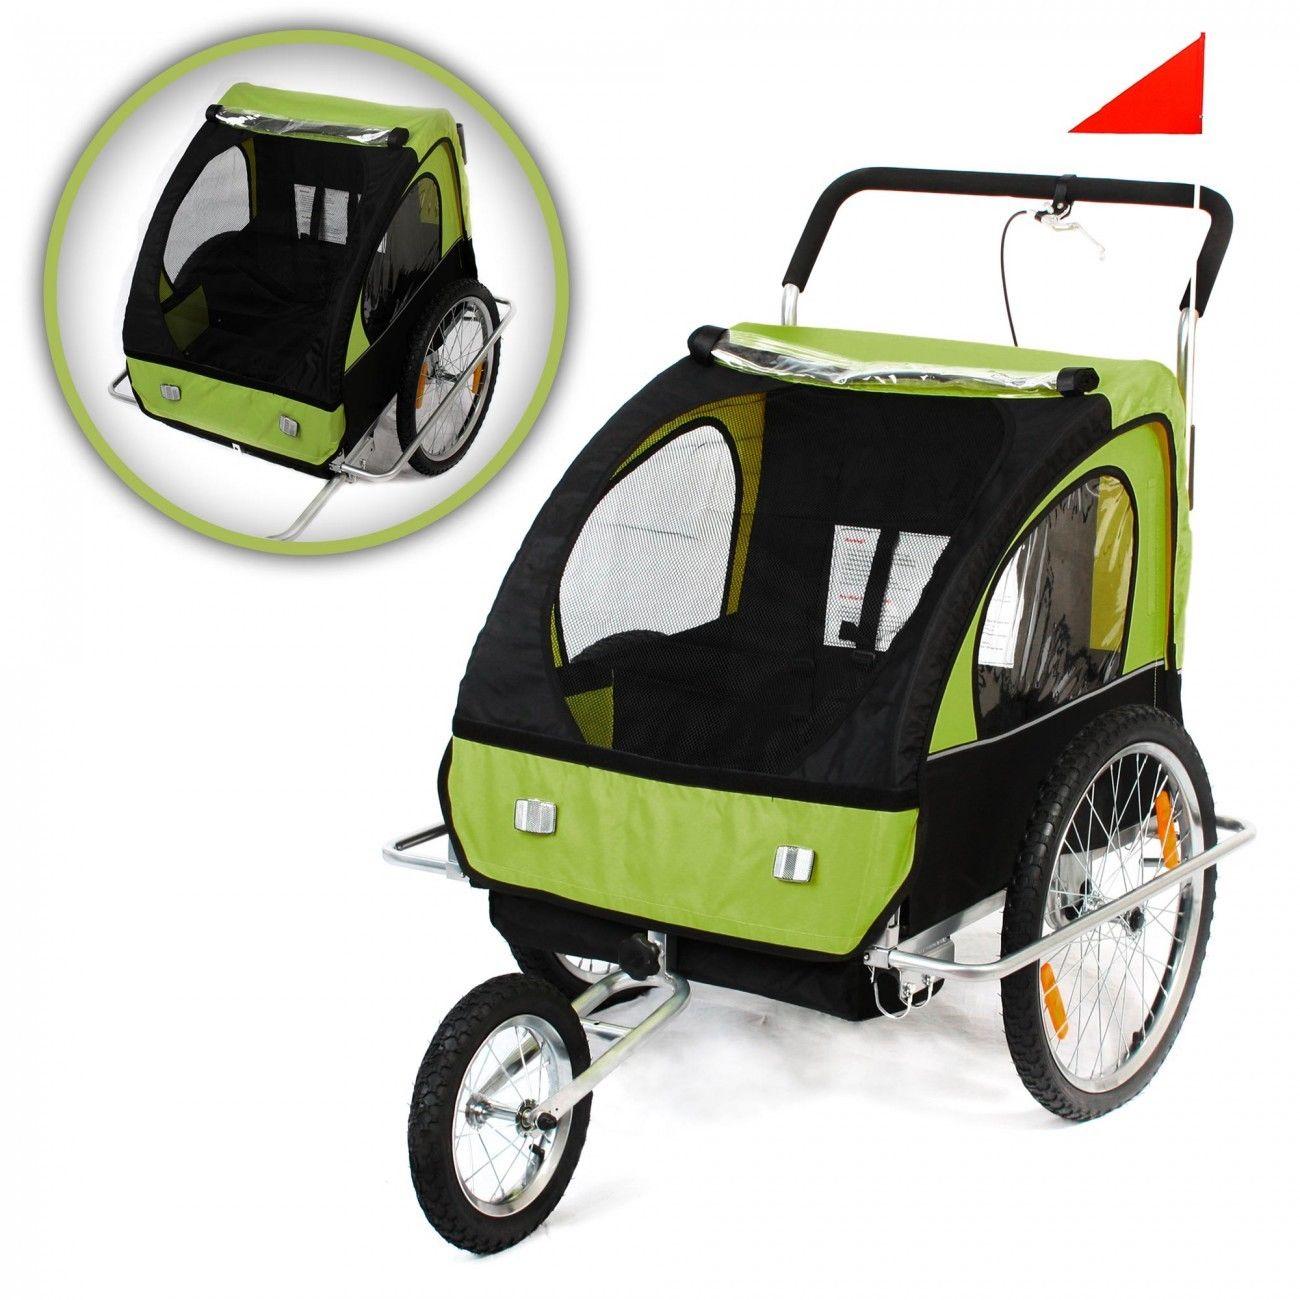 Jogger Fahrradanhänger 2in1 Kinderanhänger Anhänger Transport Vollgefedert Neu